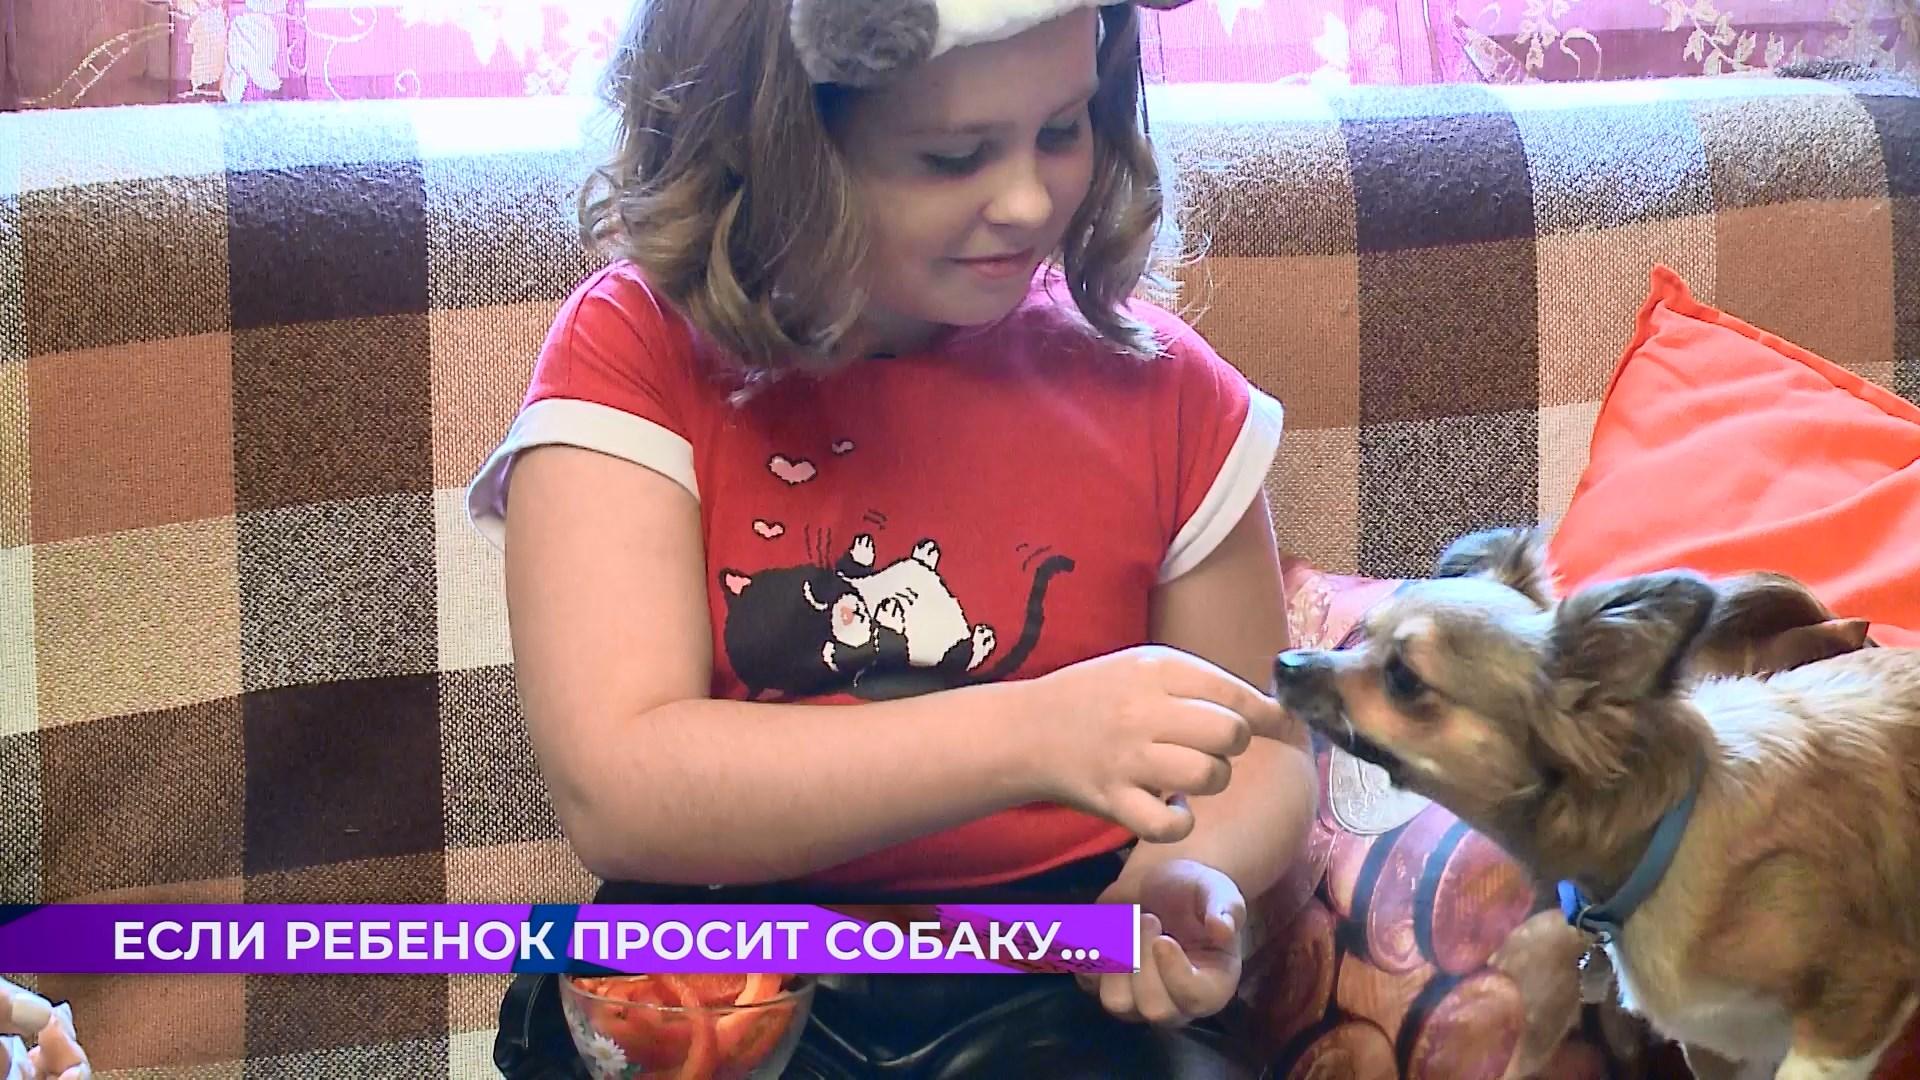 Собаки и люди: если ребенок просит собаку…